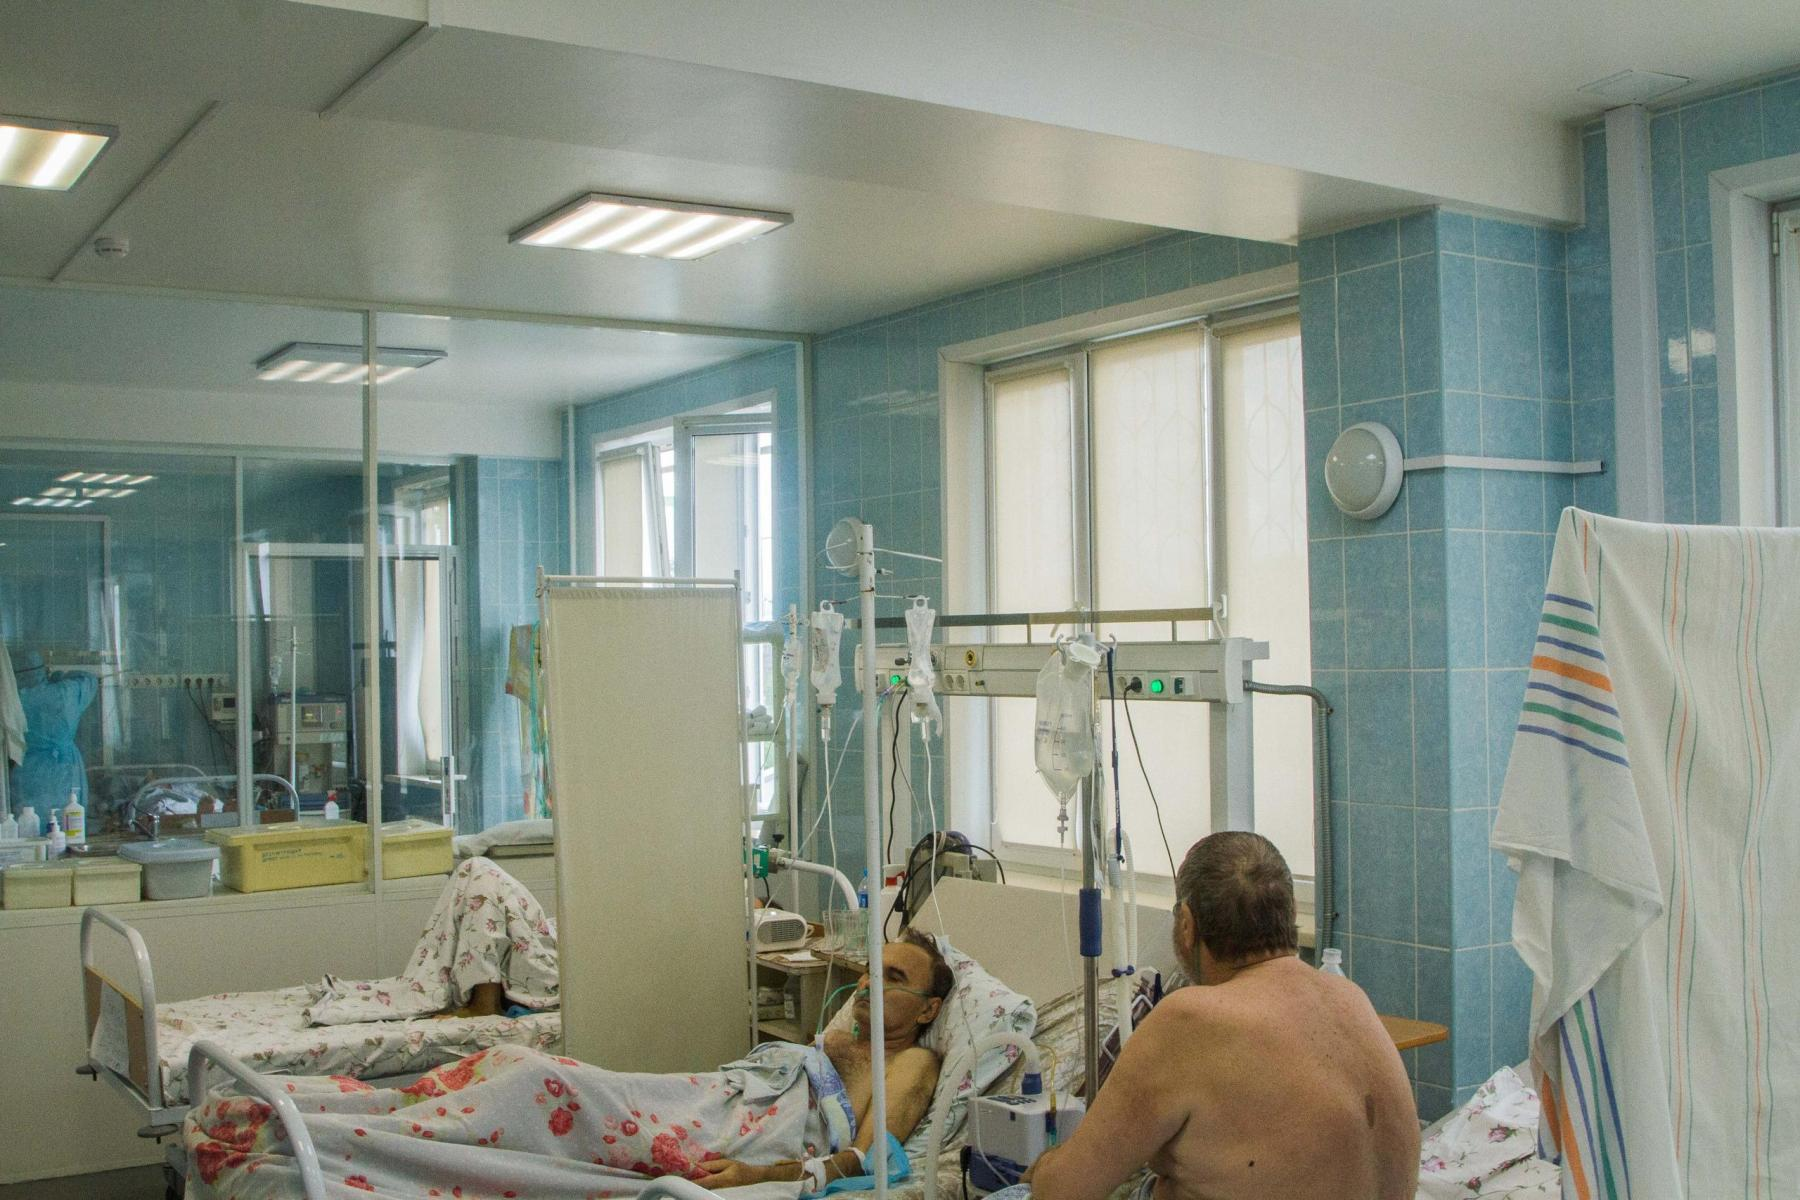 фото Учёный из Новосибирска Сергей Седых заявил о третьей волне коронавируса в России 2